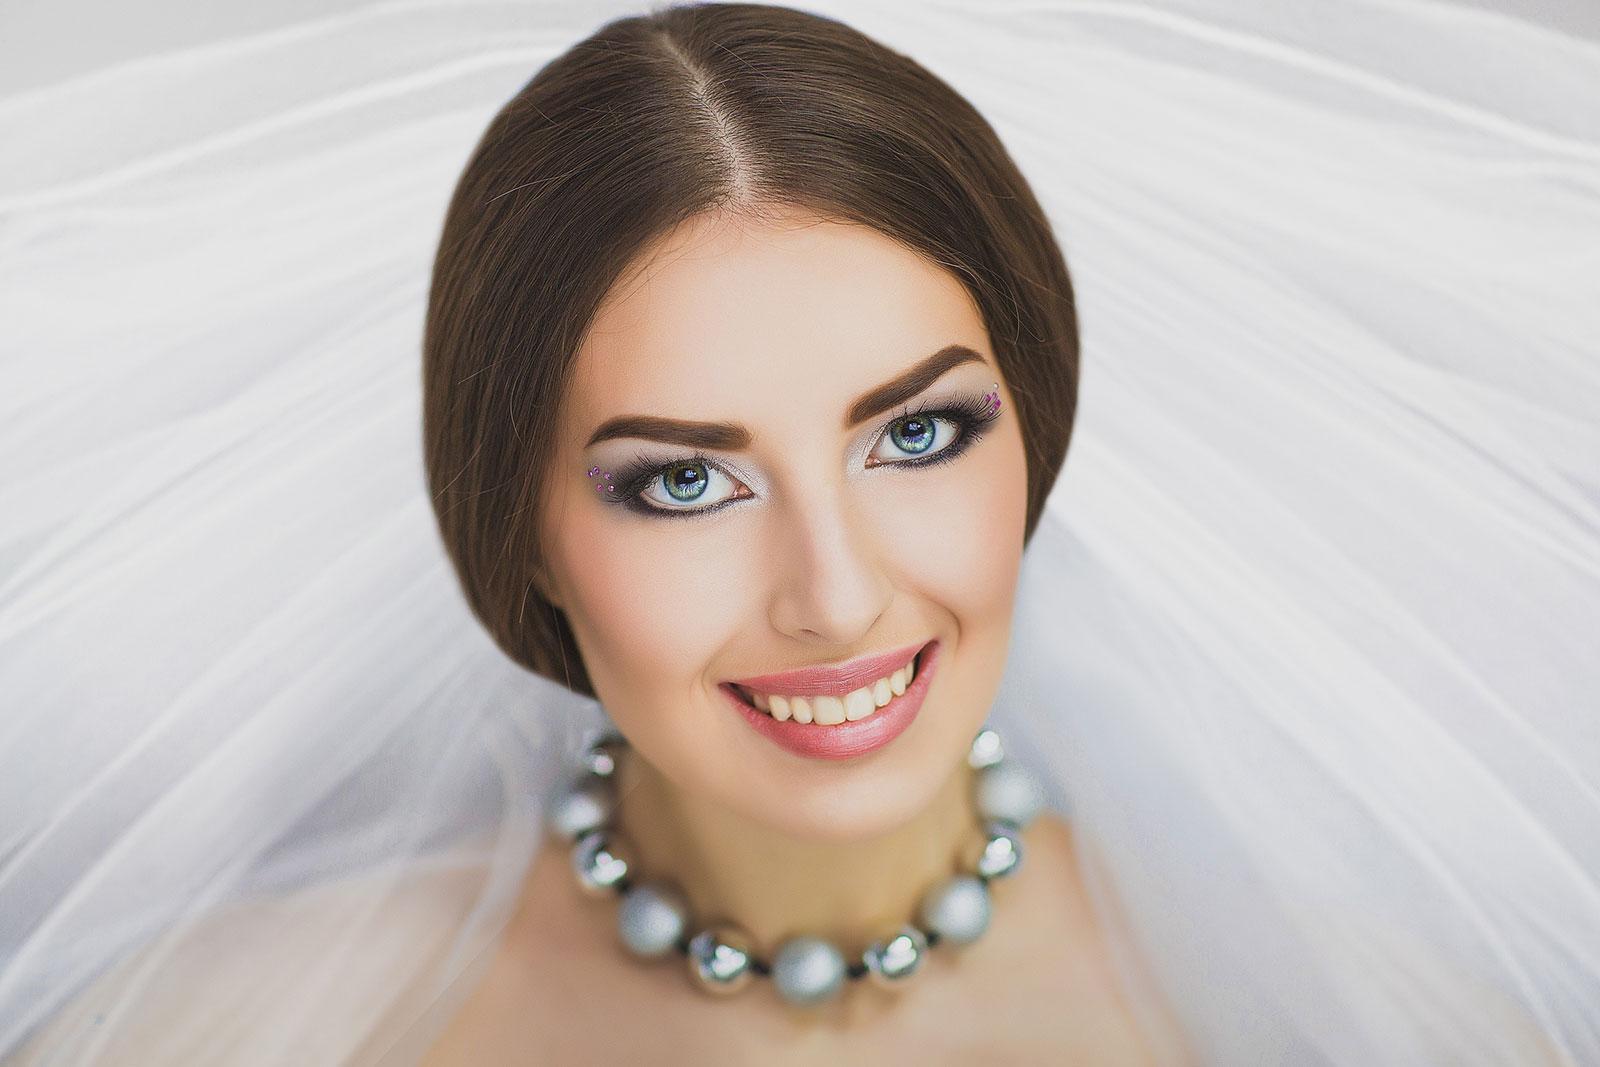 Extravagant Eyes wedding eye makeup